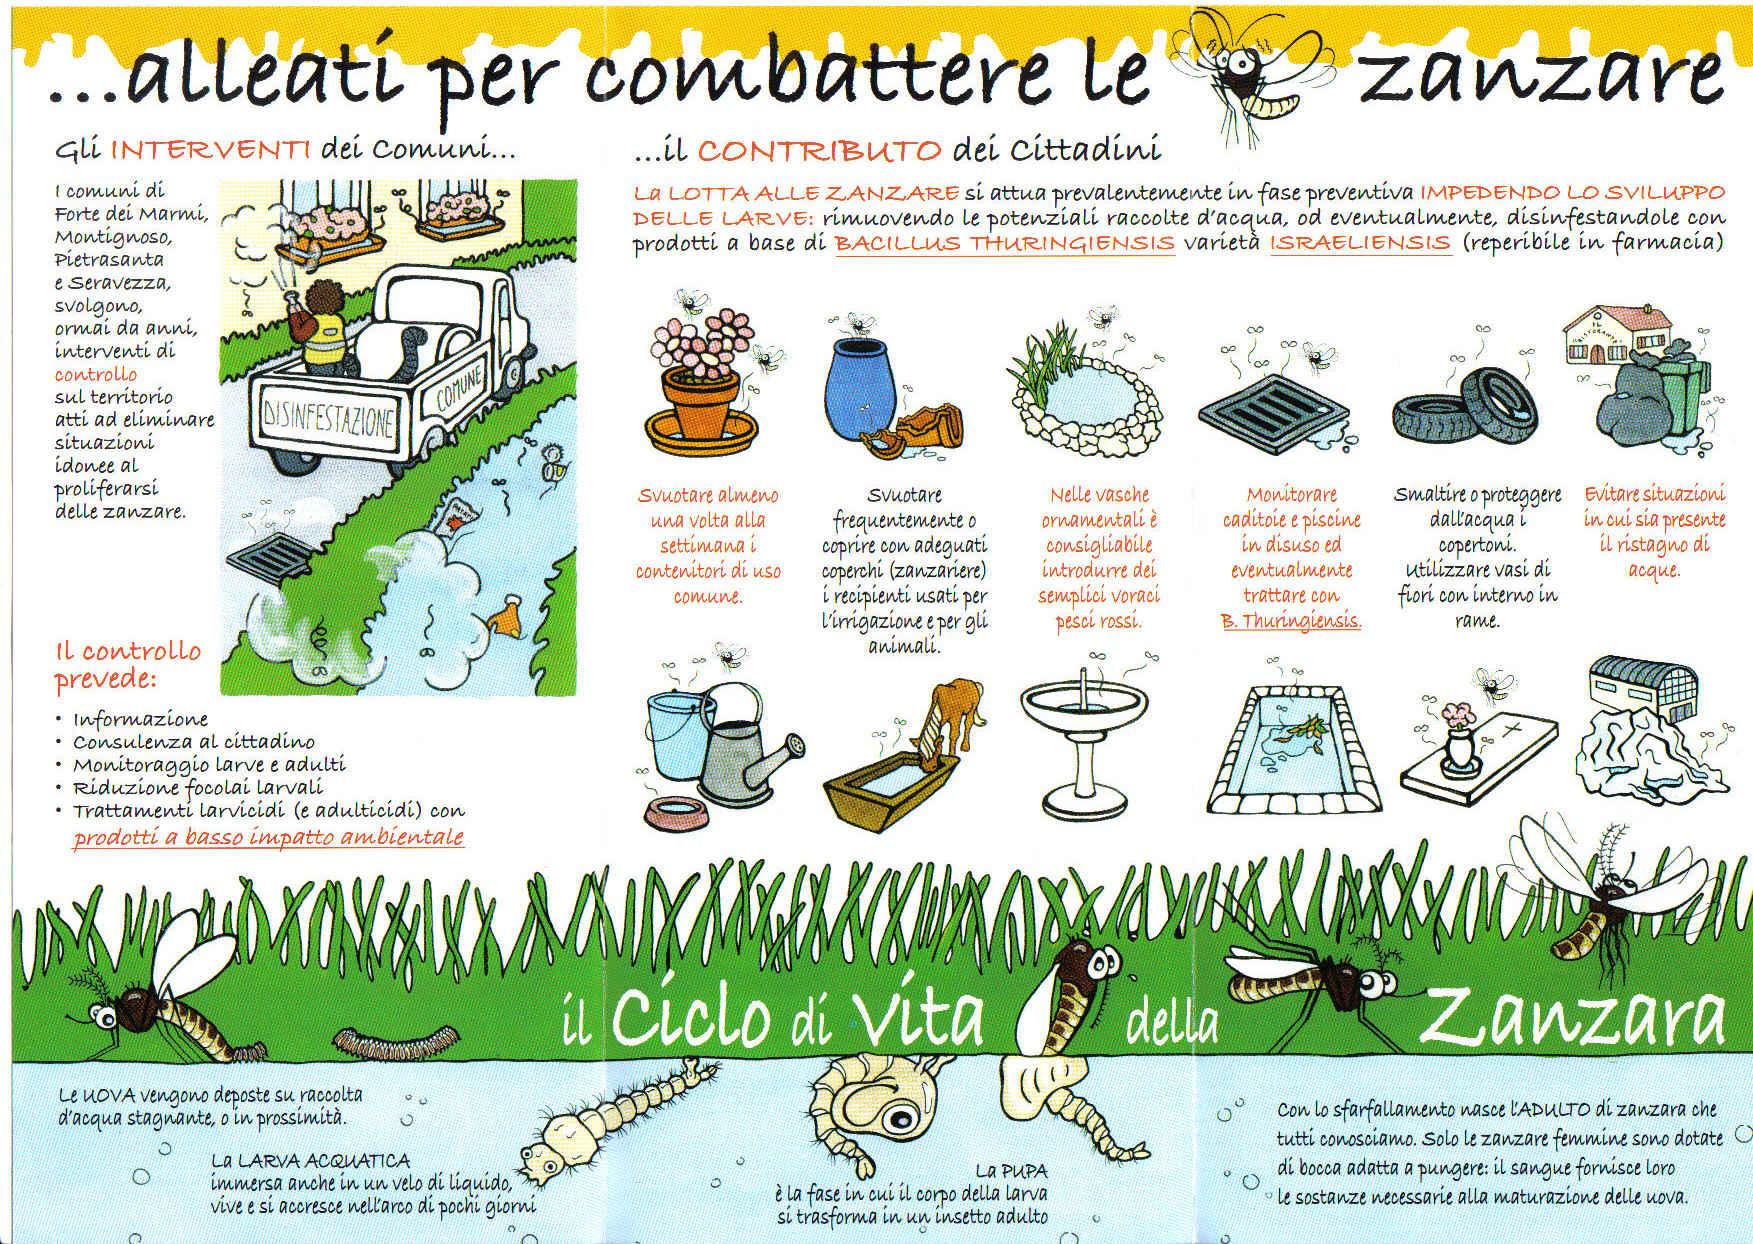 Zanzare in giaRDINO